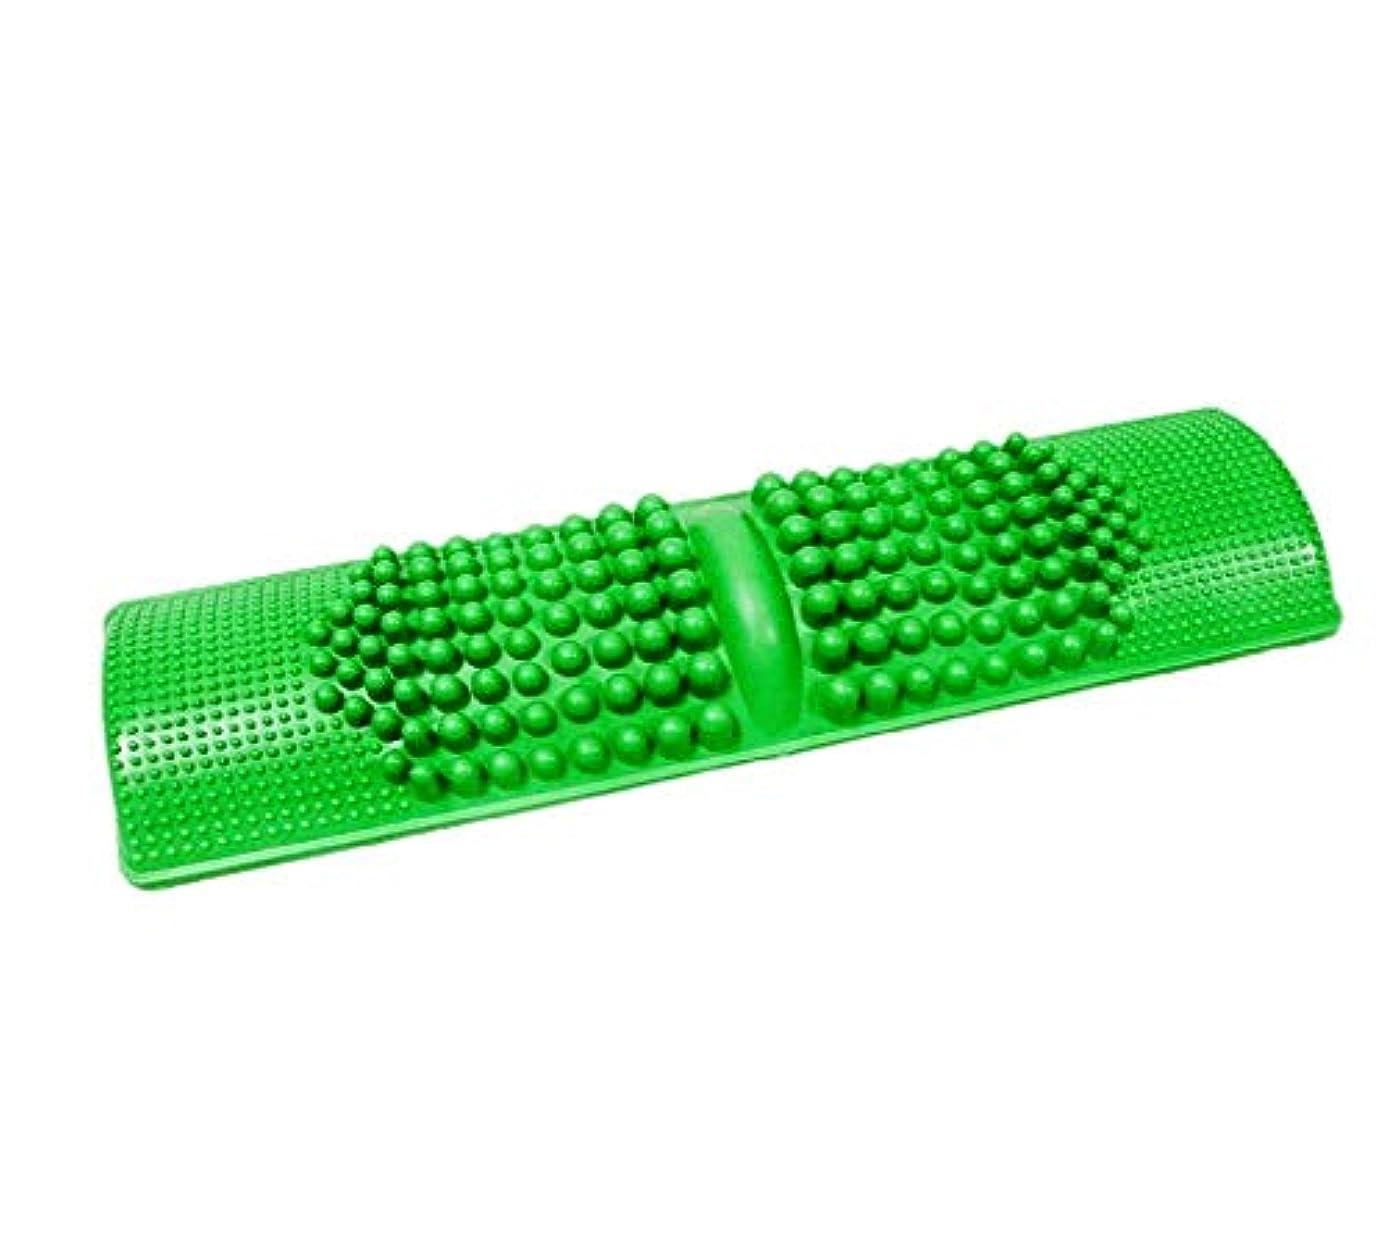 簡単に健康維持 BIGサイズ 足つぼマッサージ 足 踏み 足裏 刺激 血行促進 (グリーン)